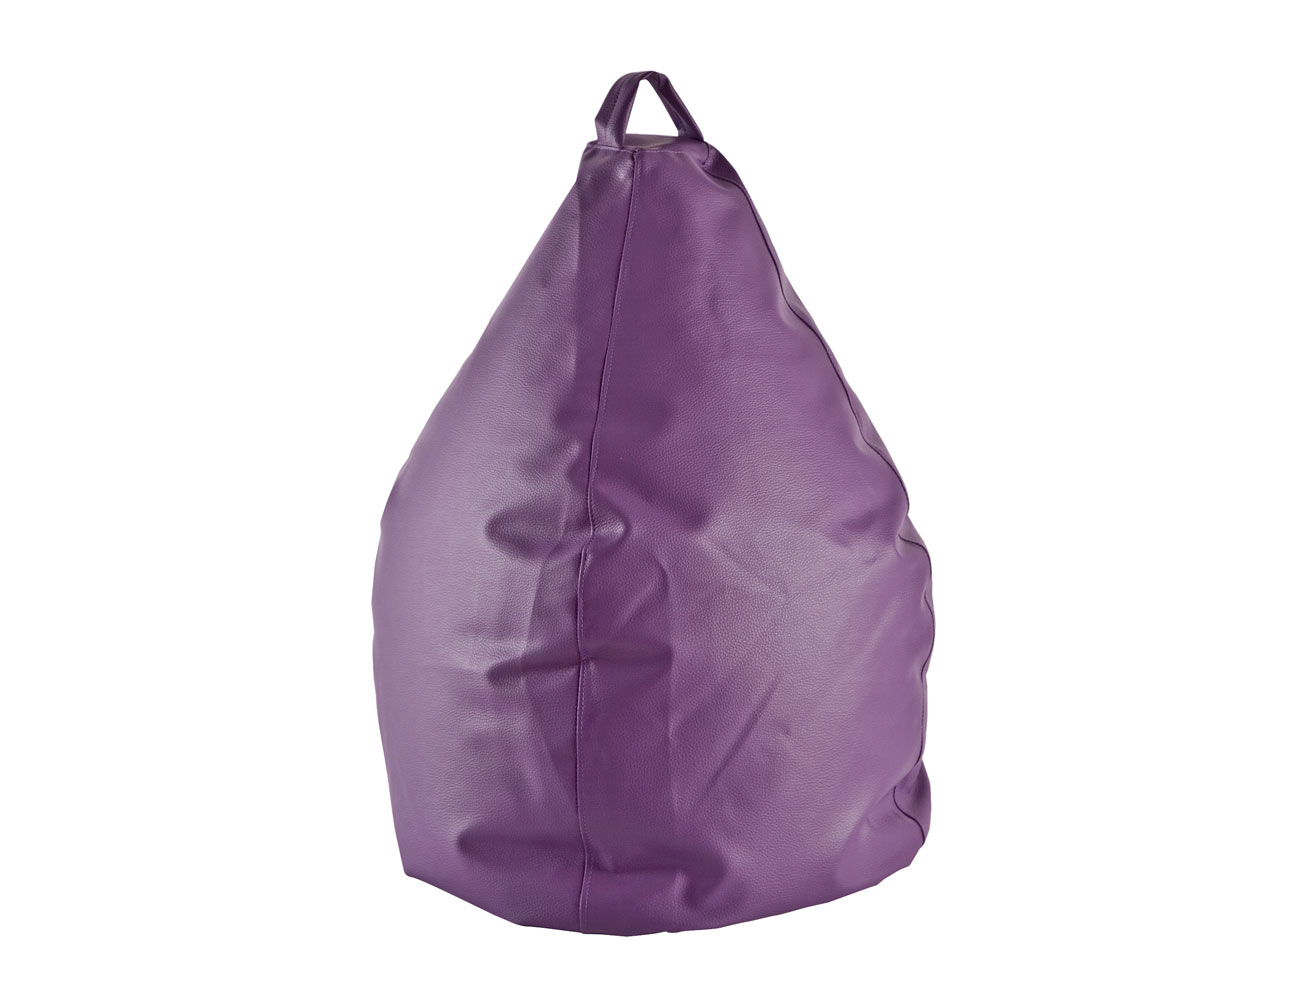 2 sac amoldable morado6